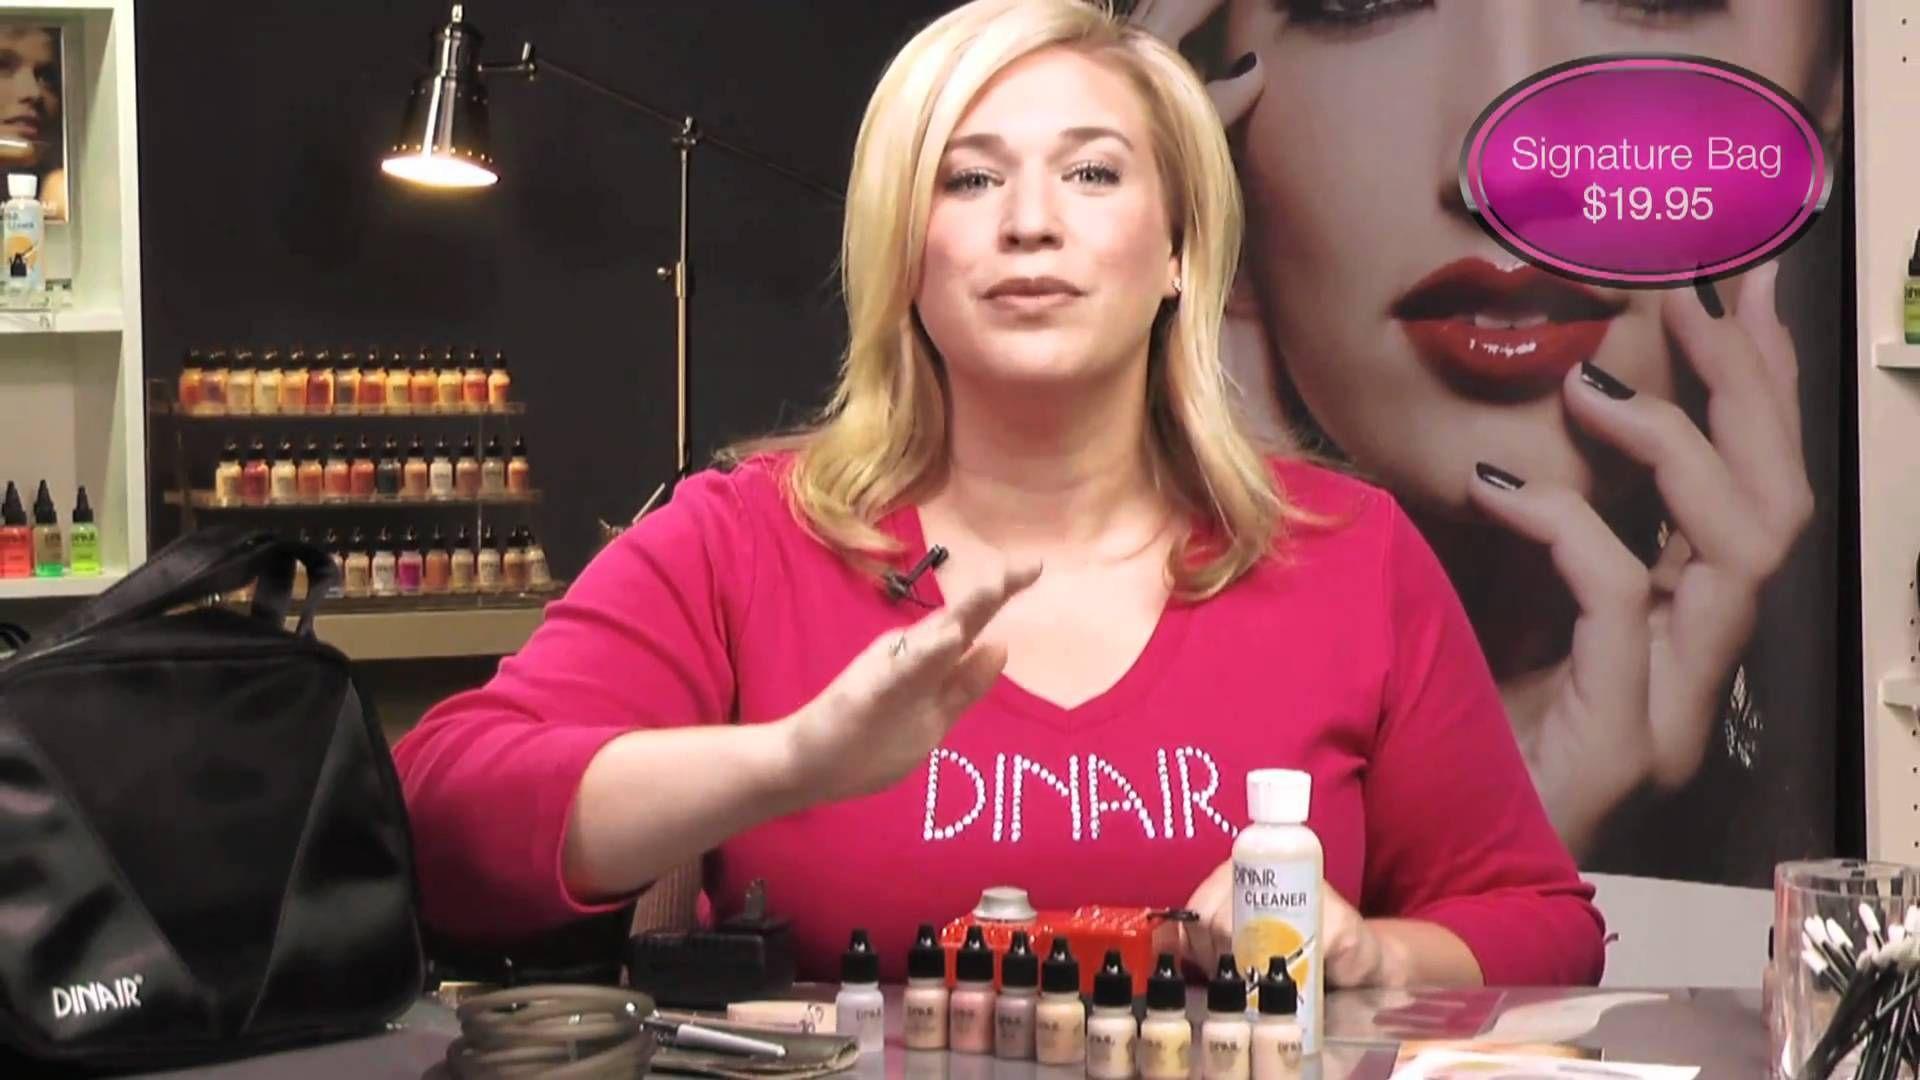 Dinair Paramedical Airbrush Makeup Kit Airbrush makeup